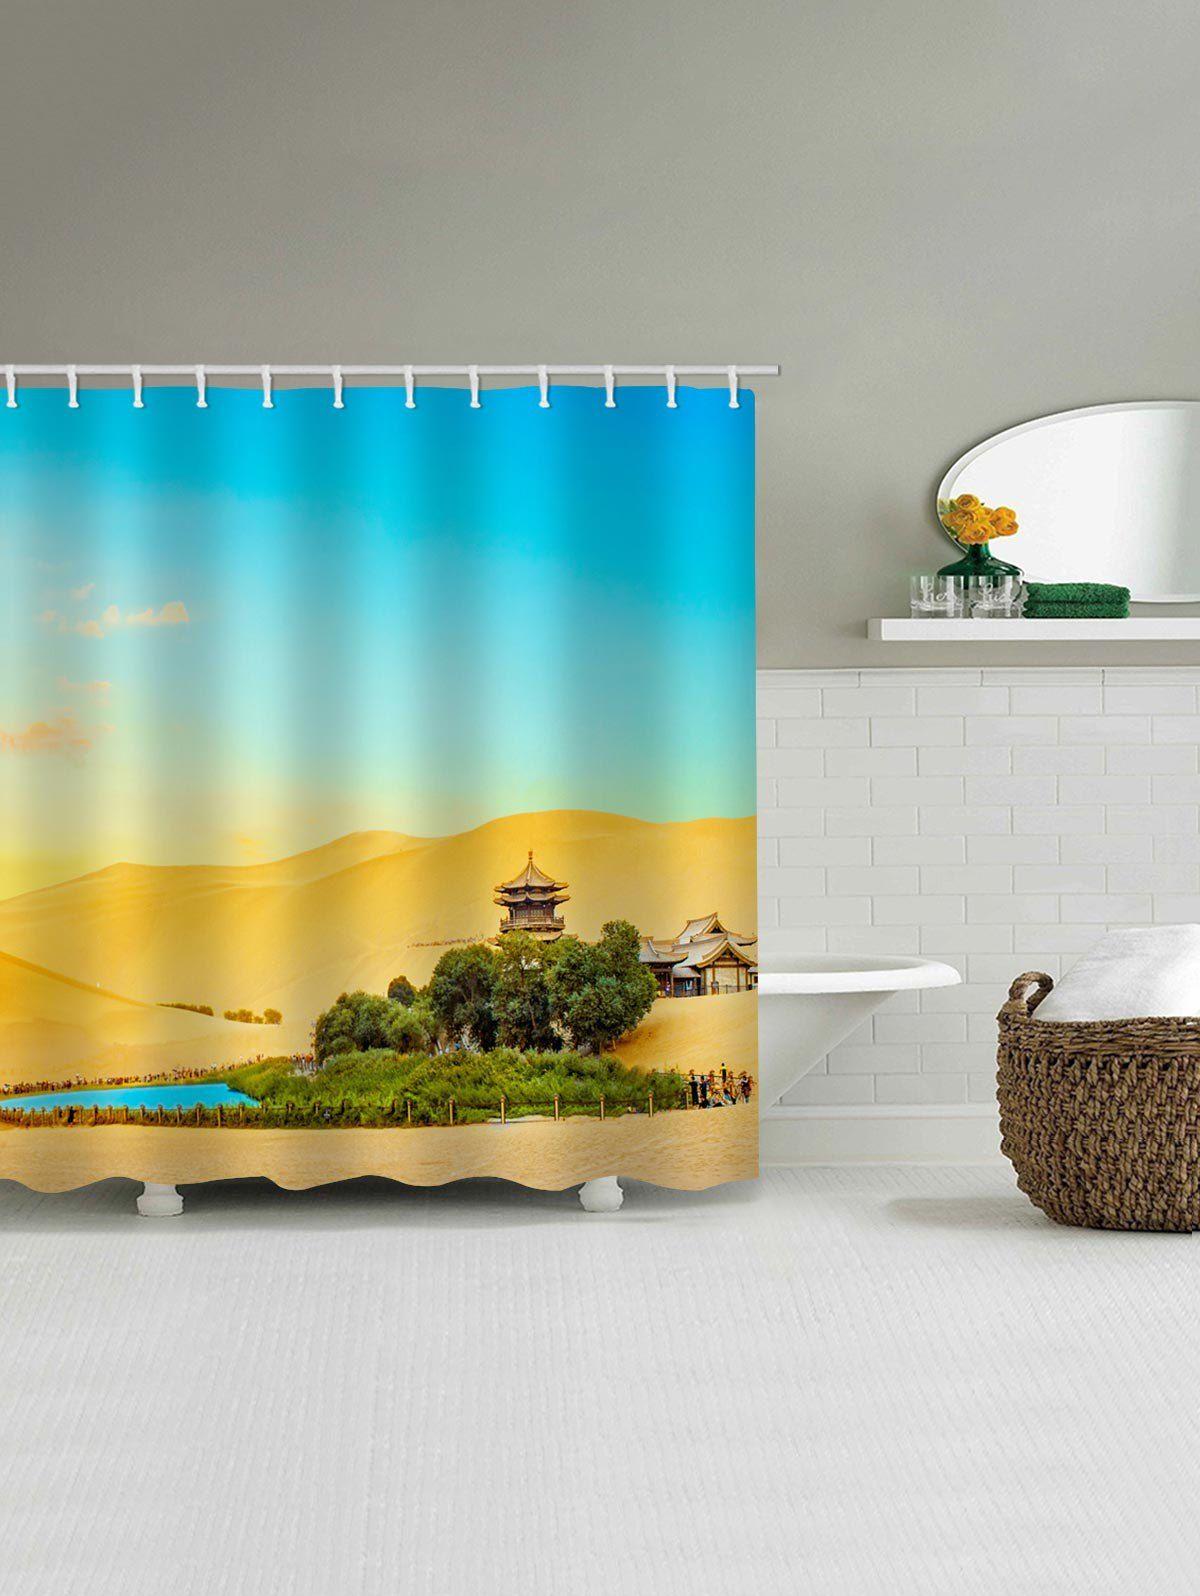 Desert Oasis Printed Waterproof Shower Curtain Ad Spon